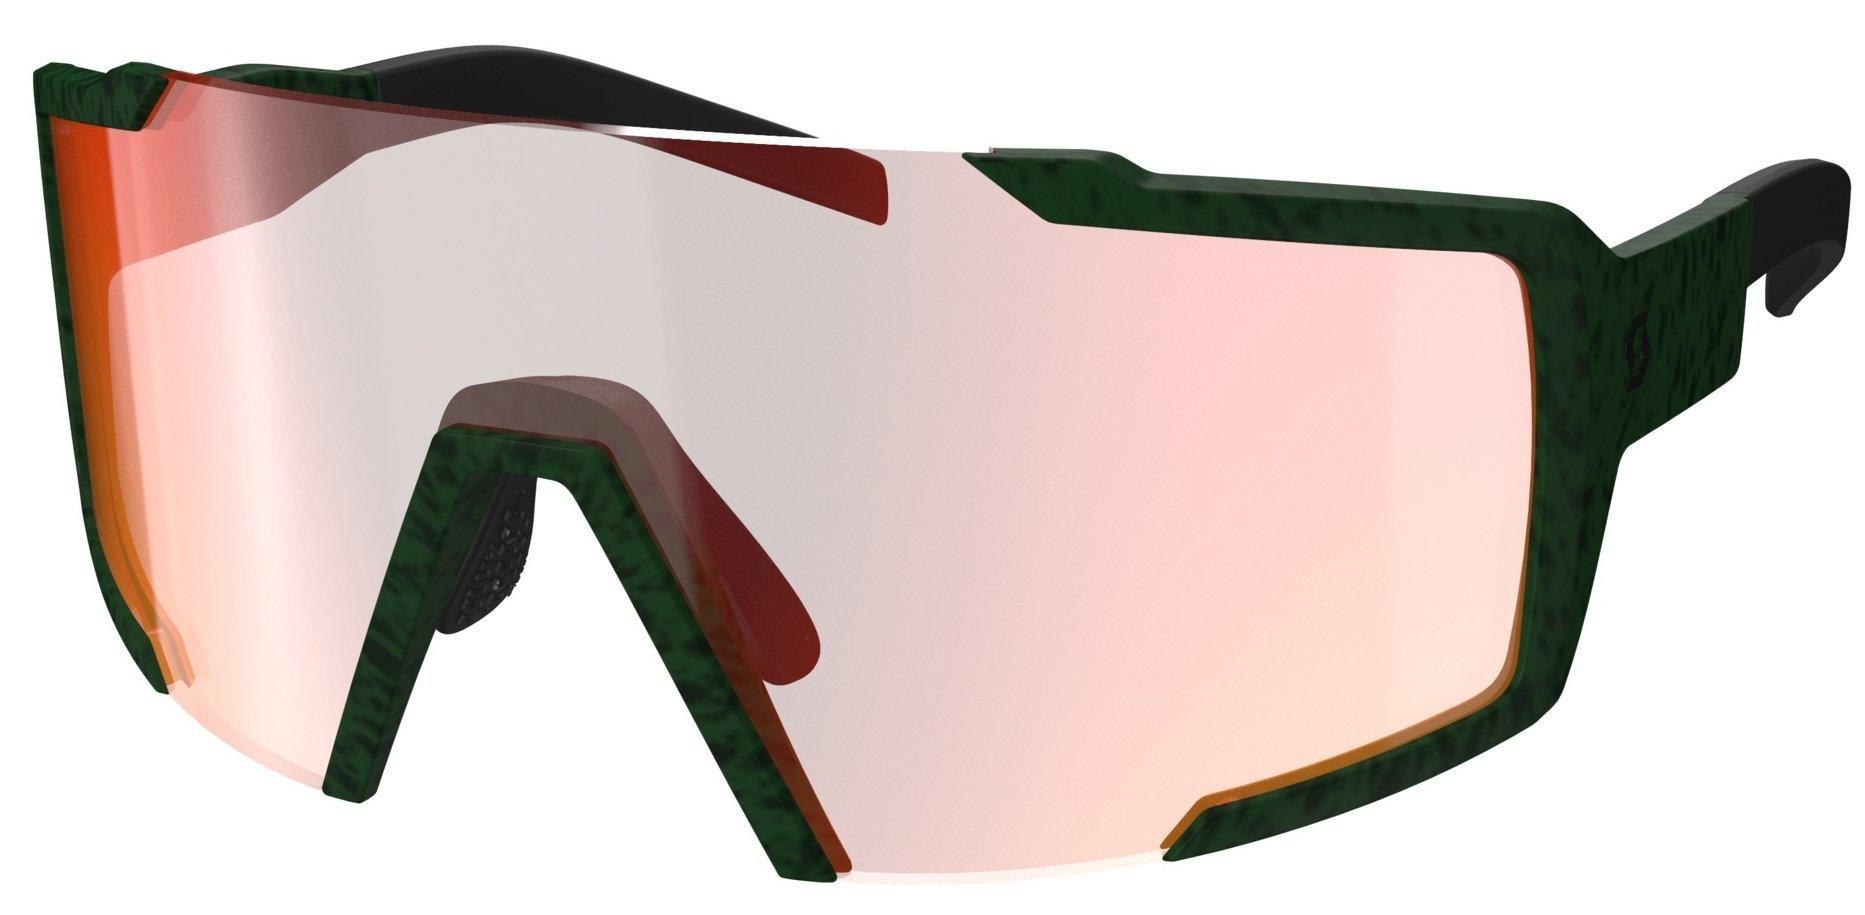 Scott Shield Solbrille - grøn